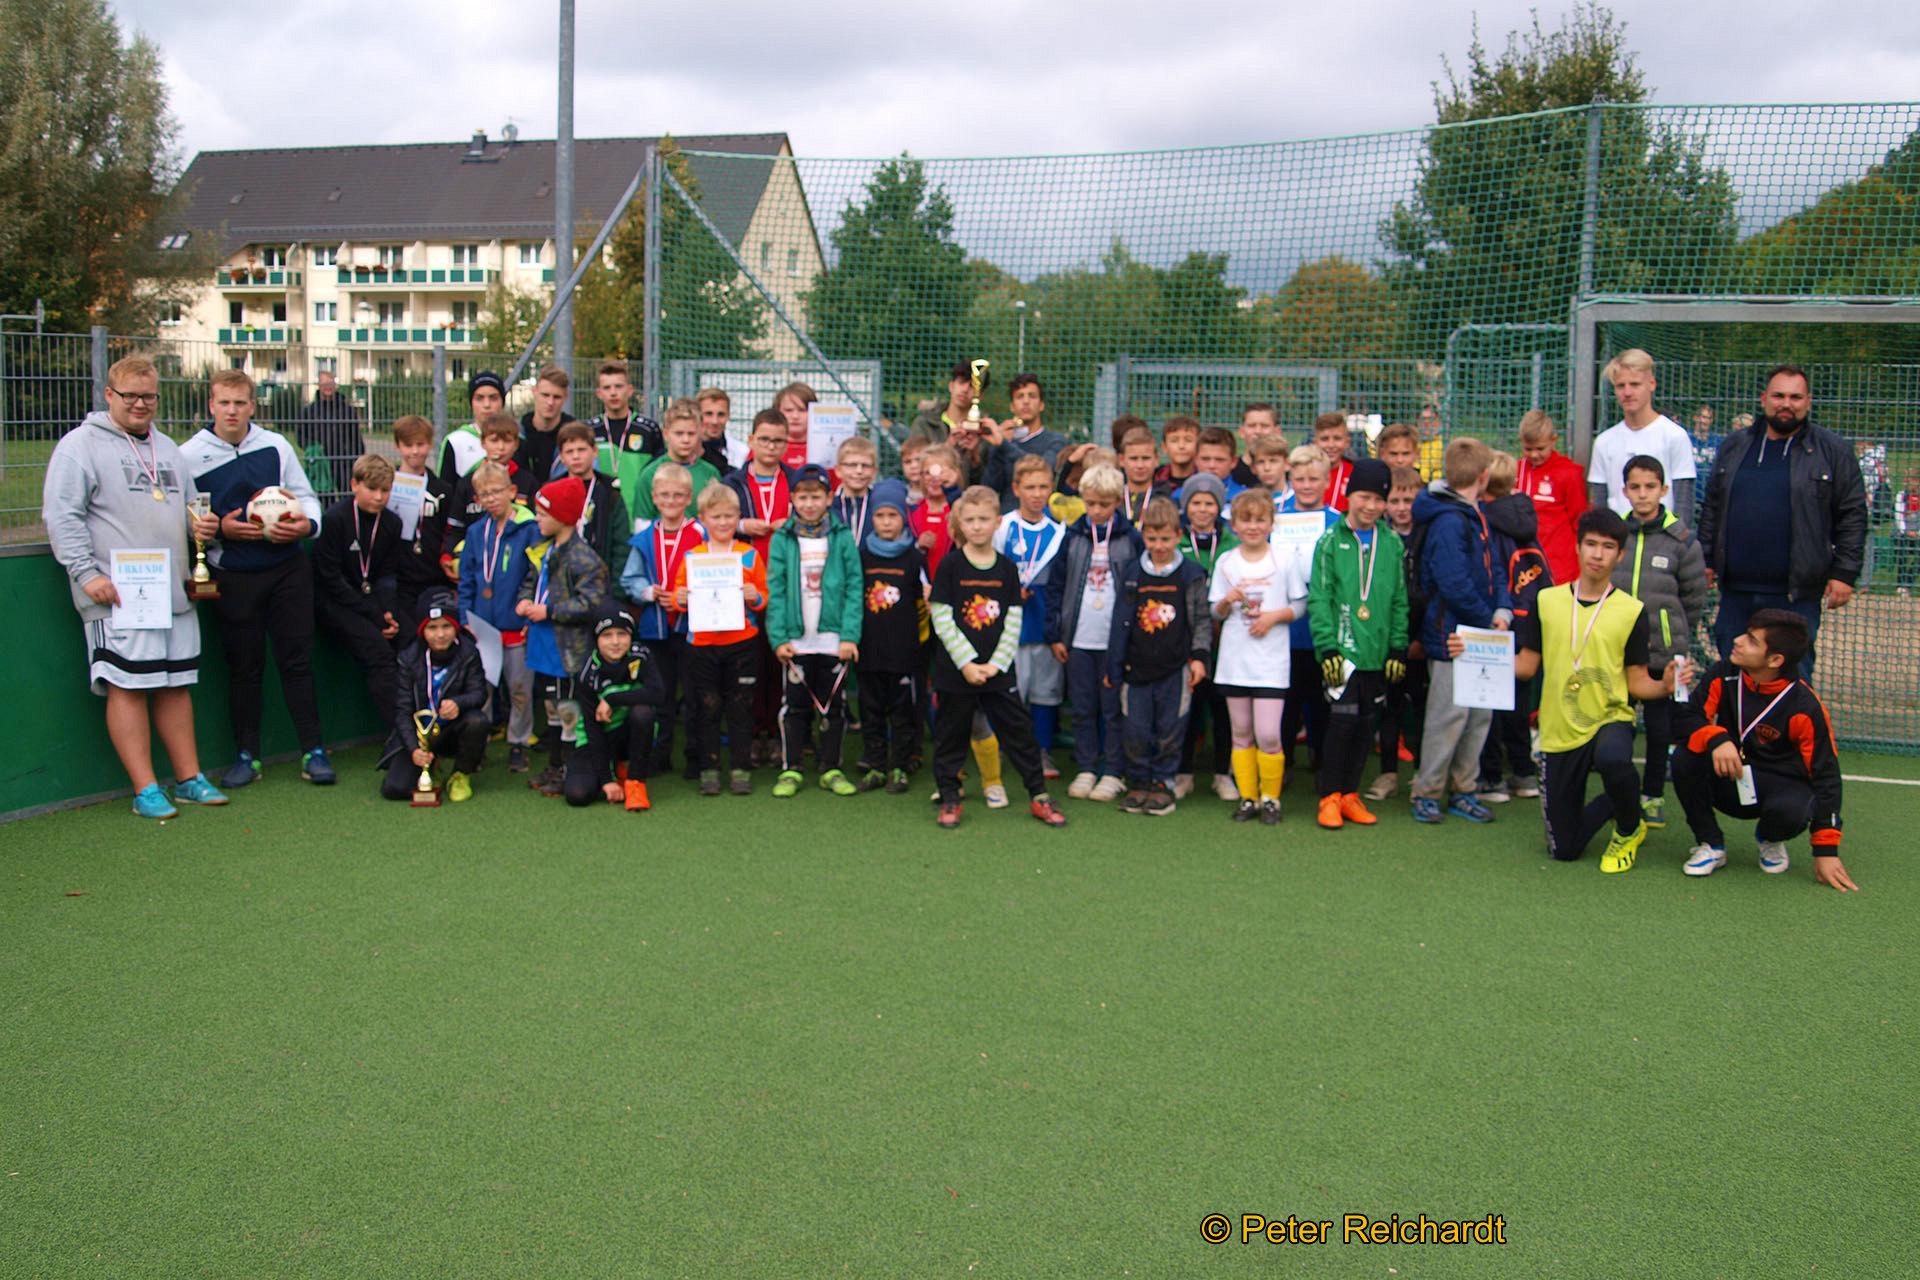 17 Mannschaften in vier Altersklassen kämpften auf dem Greizer DFB-Minispielfeld um den Greizer Neustadt-Pokal 2019.